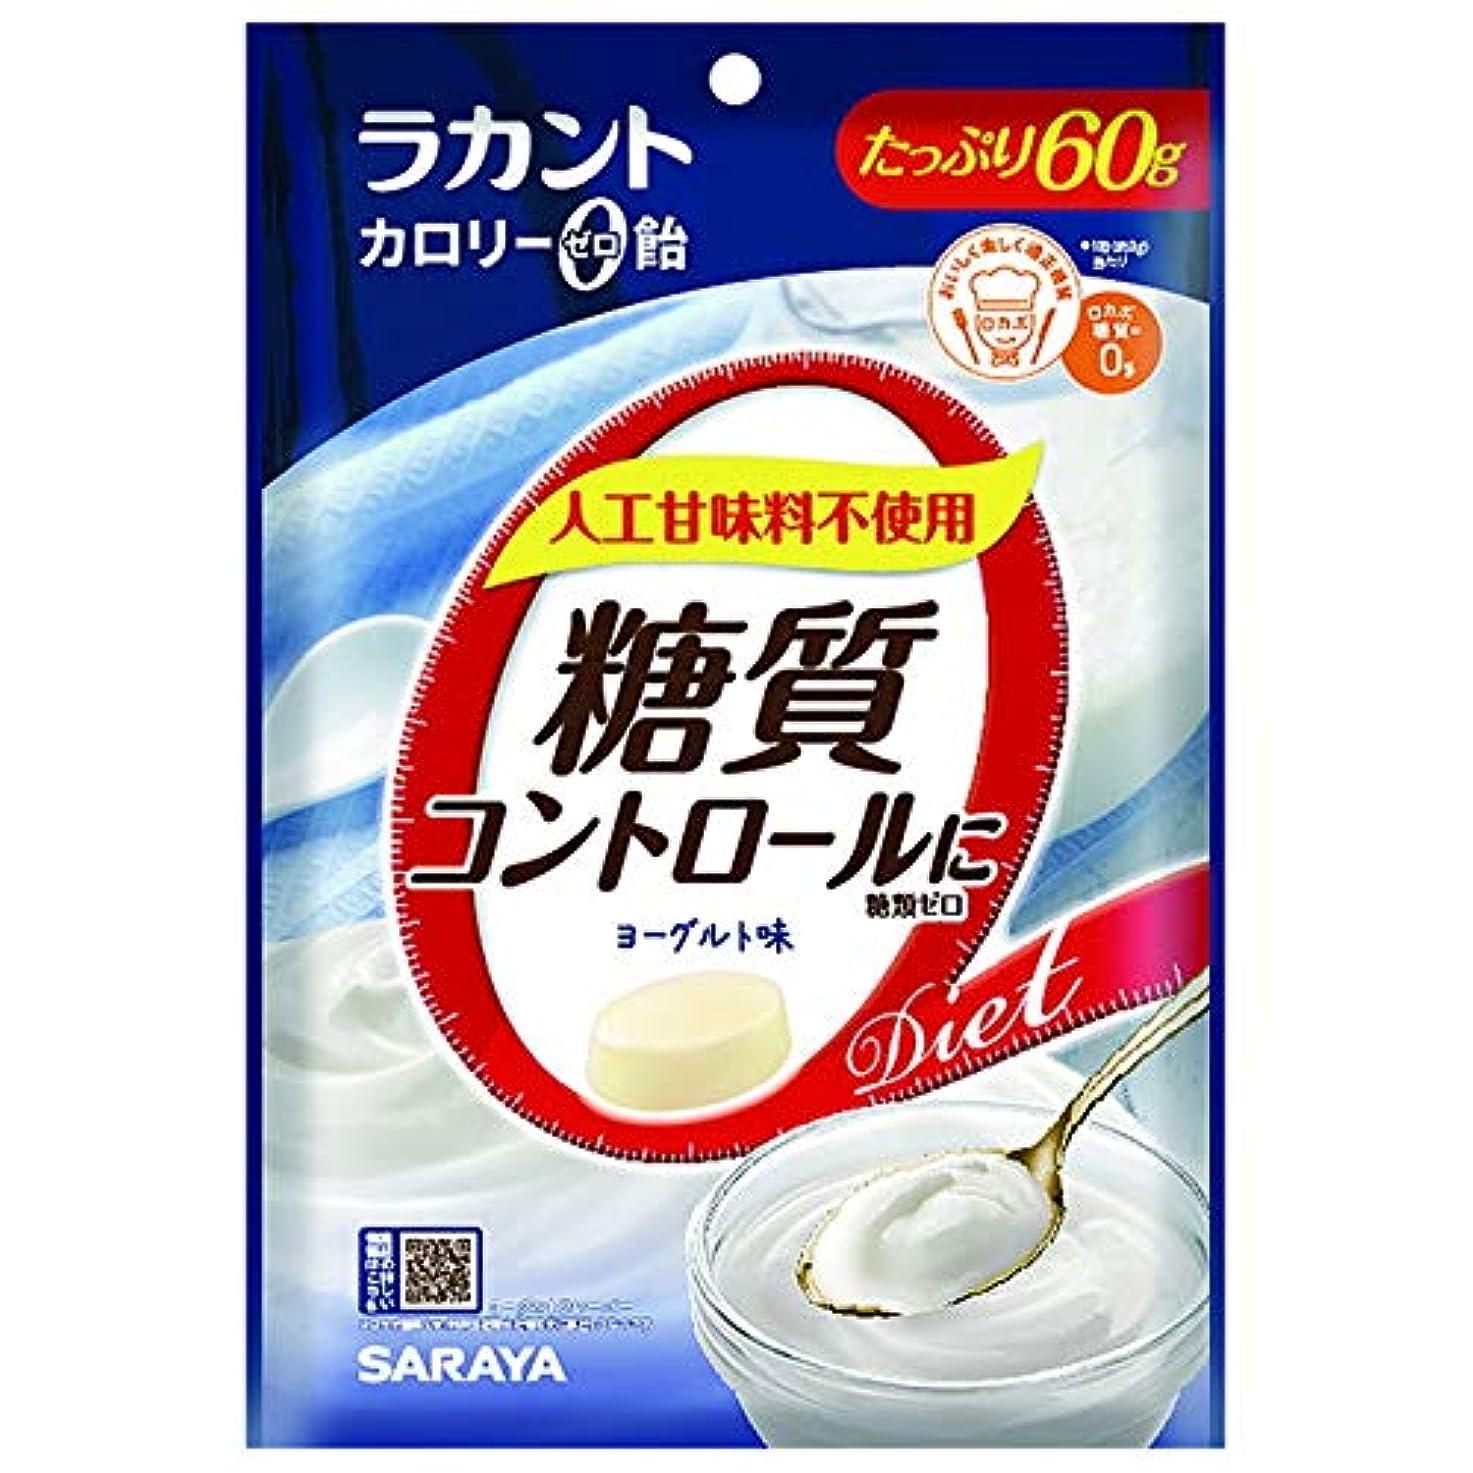 謝るチート農場ラカント カロリーゼロ飴 ヨーグルト 60g【3個セット】